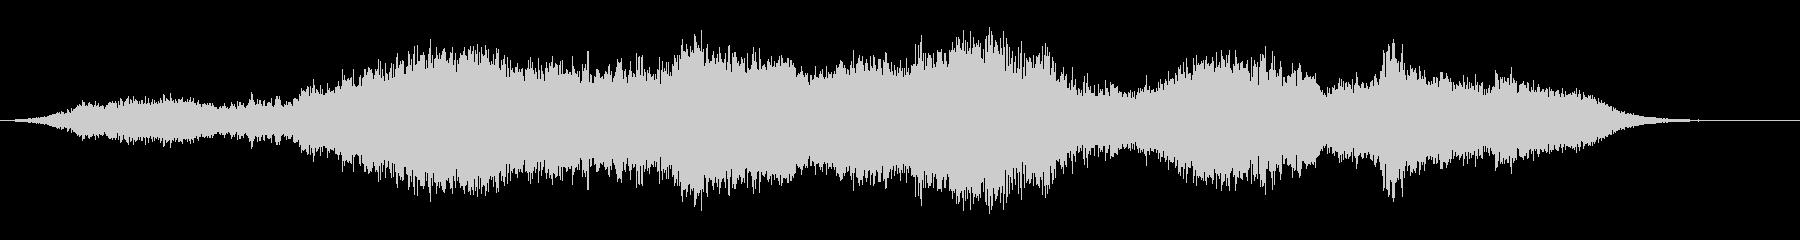 シャープピアスメタリックリングの未再生の波形